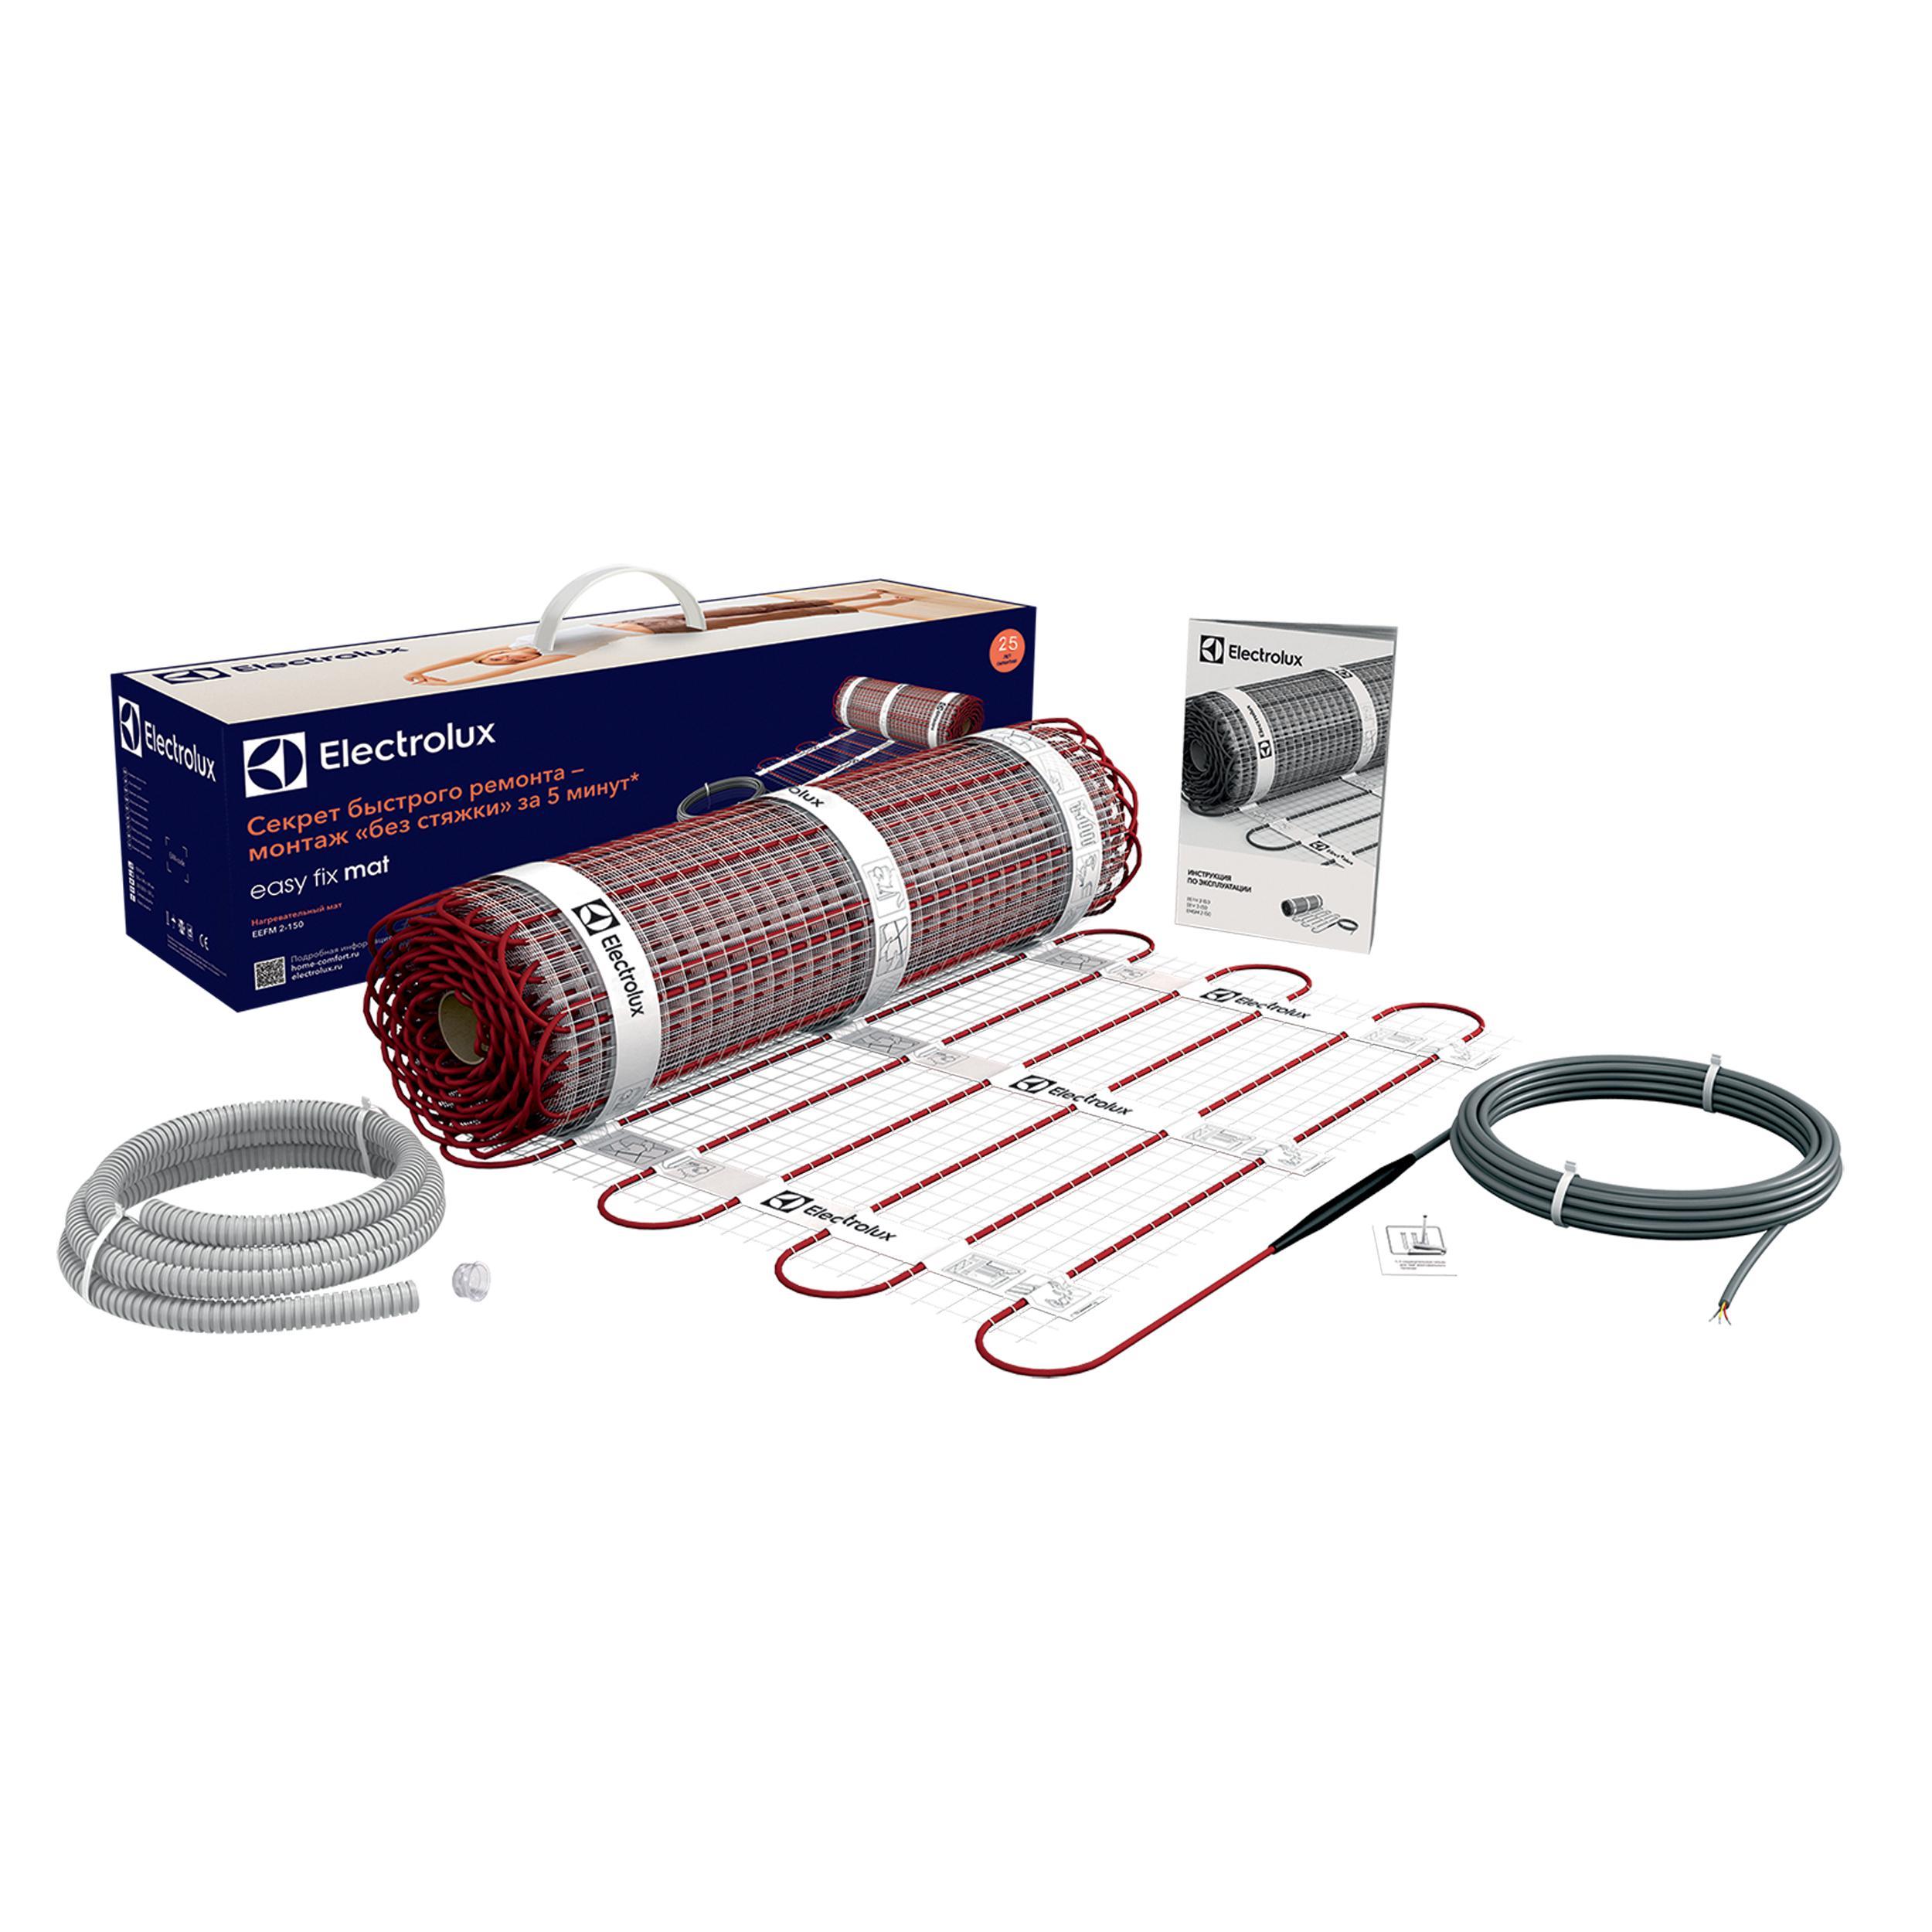 Теплый пол кабельный электрический Electrolux Easy fix mat eefm 2-150-3